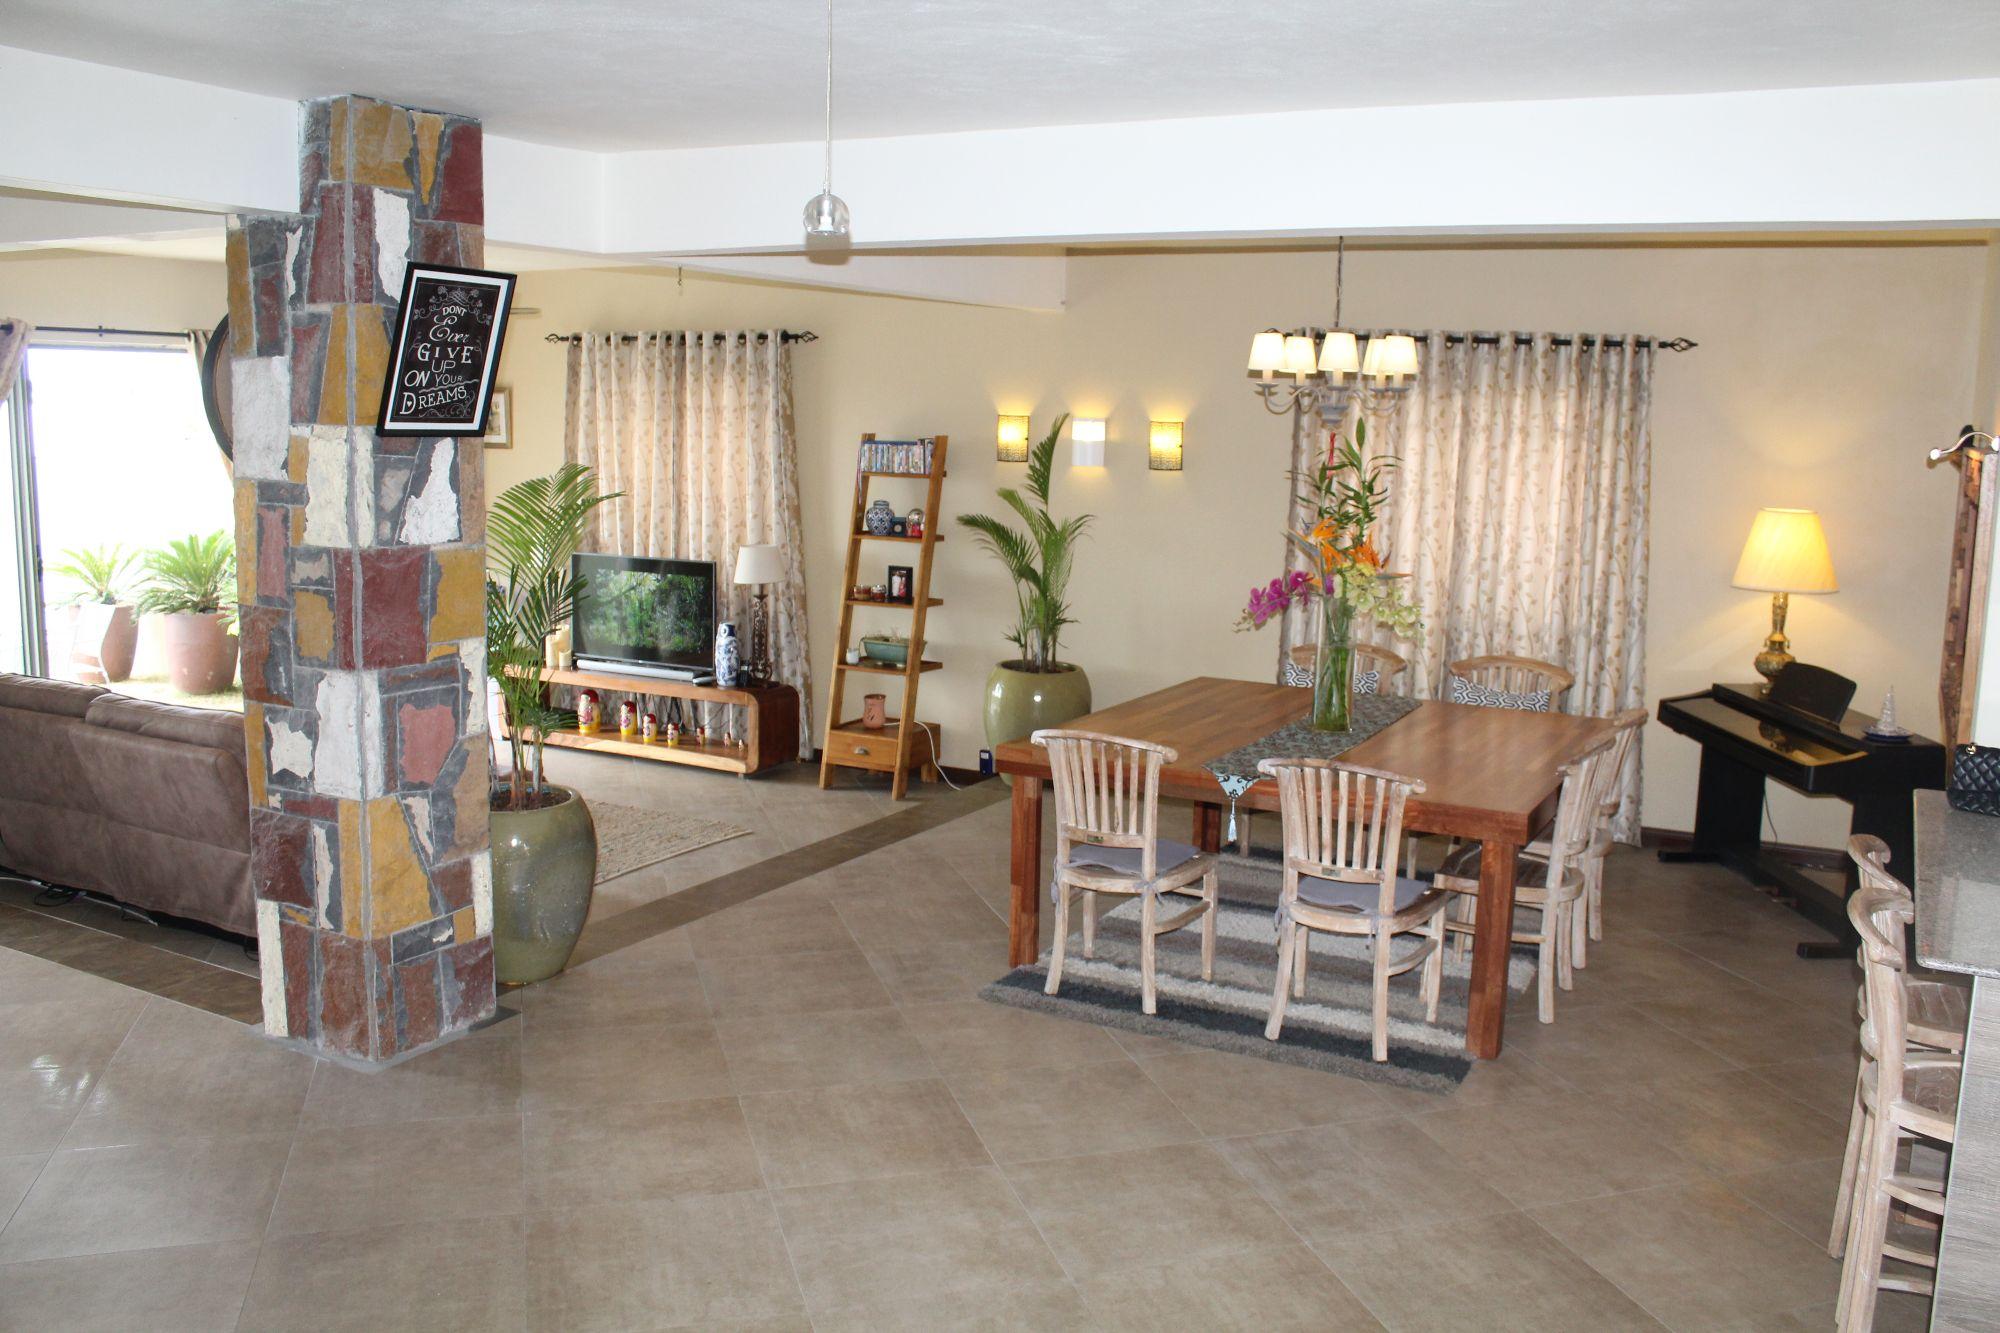 Magnifique maison meublée de 475 m2 sur un terrain de 101 toises située à Flacq. Maison très agréable à vivre dans un quartier paisible